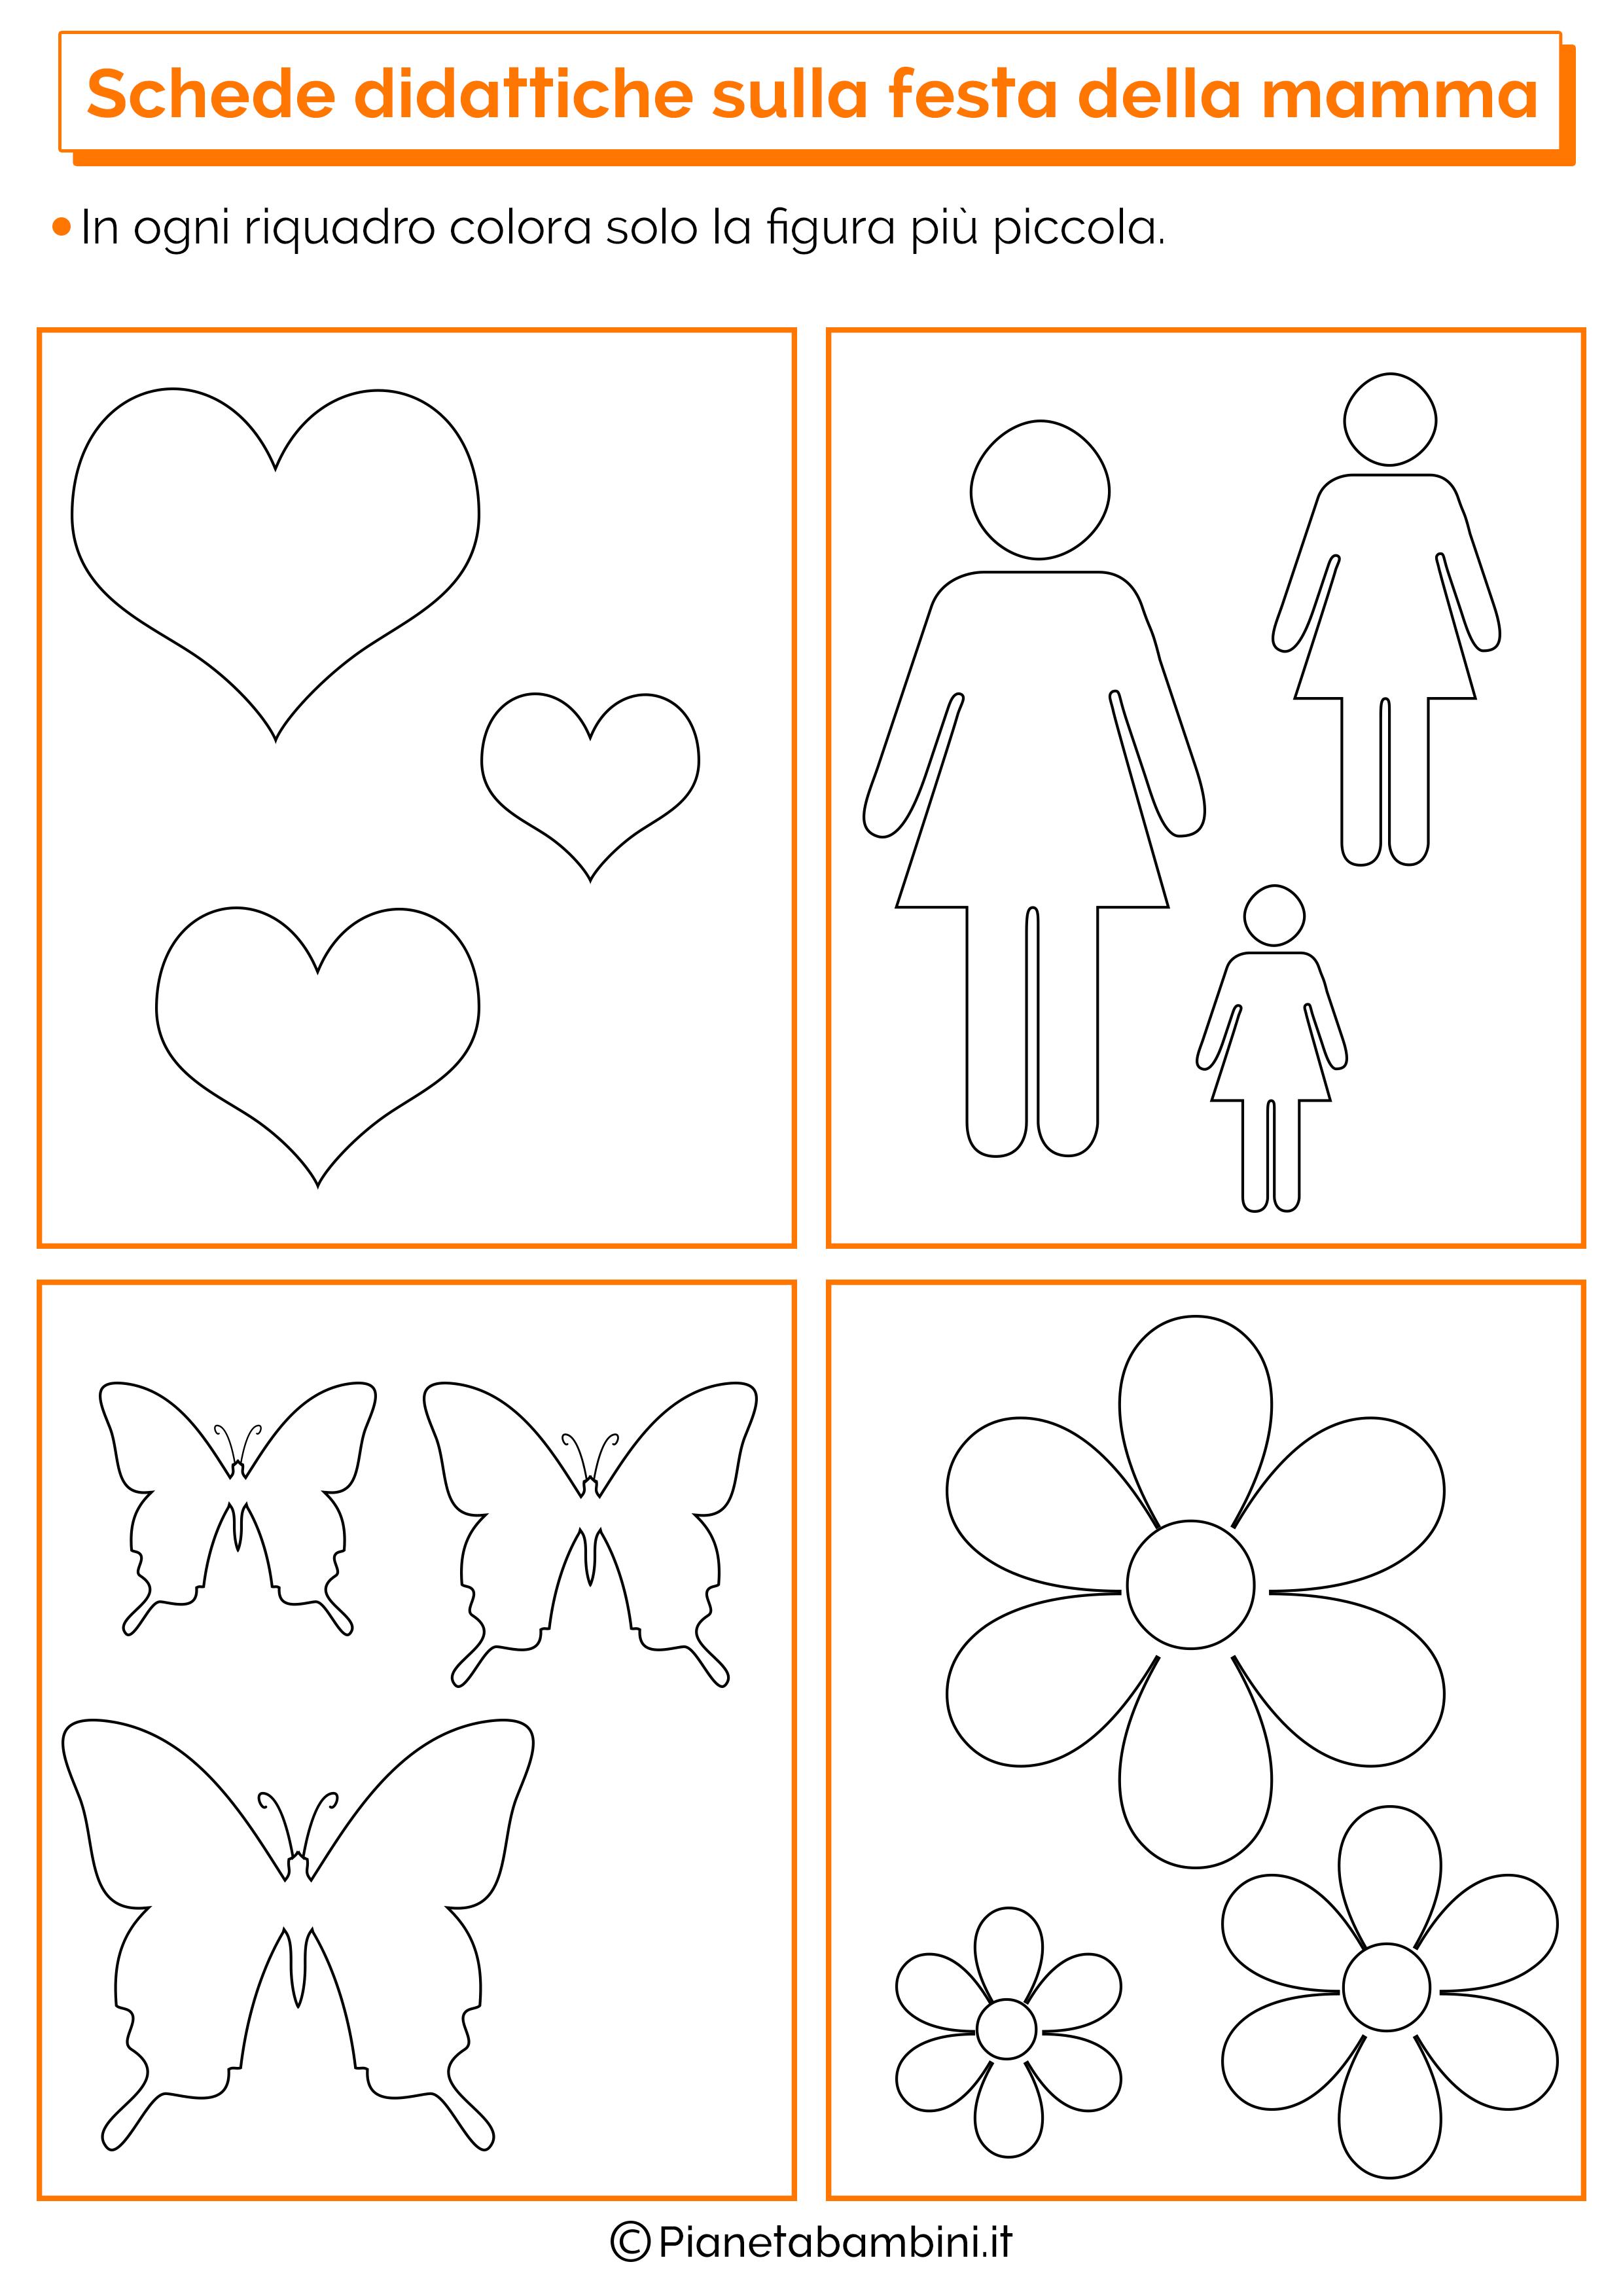 schede didattiche sulla festa della mamma per la scuola